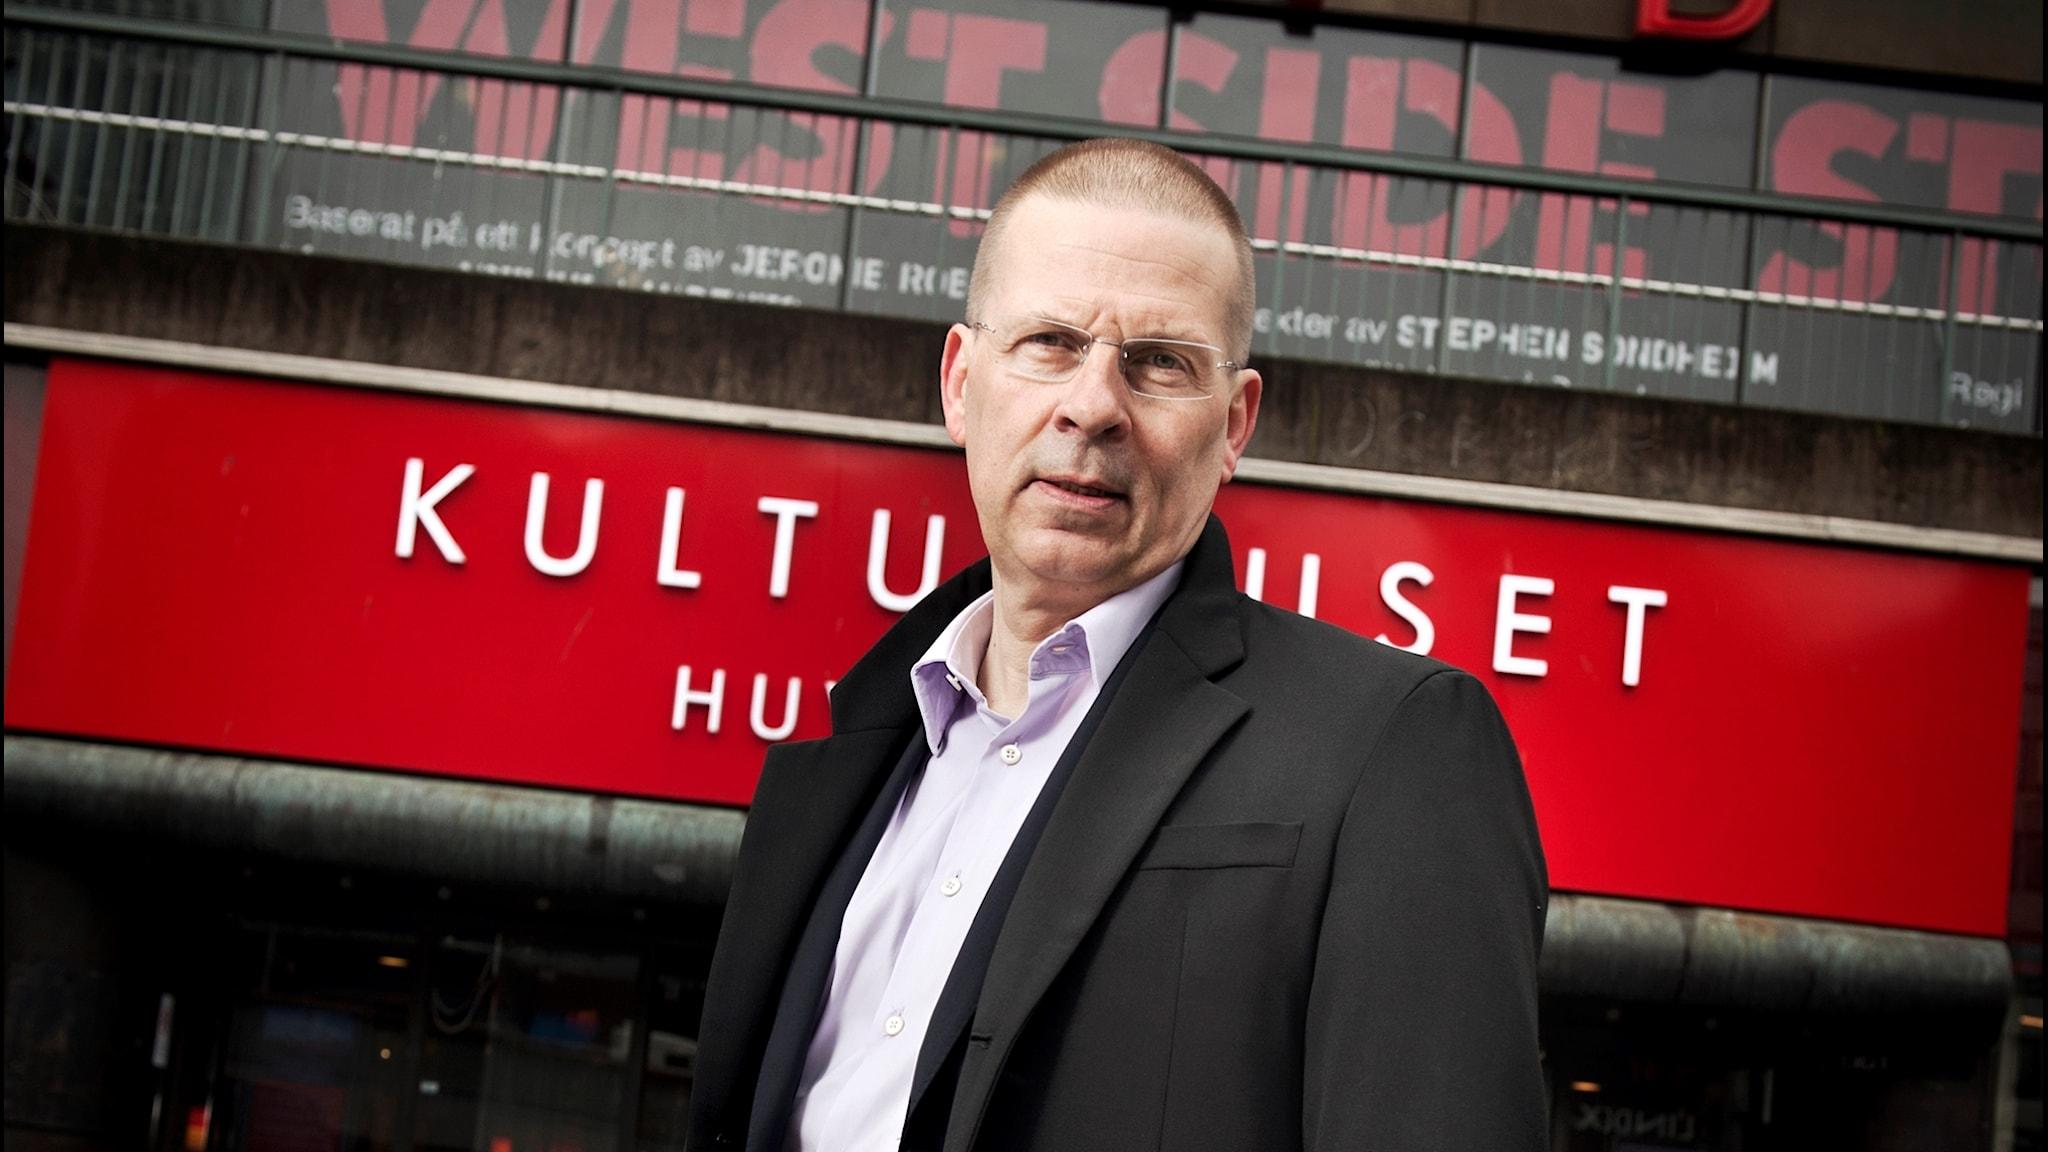 Kulturhuset Stadsteaterns vd avgår, Viveca Bladh har lyssnat på ny musik från Olle Ljungström och bandet Wilmer X återförenas.